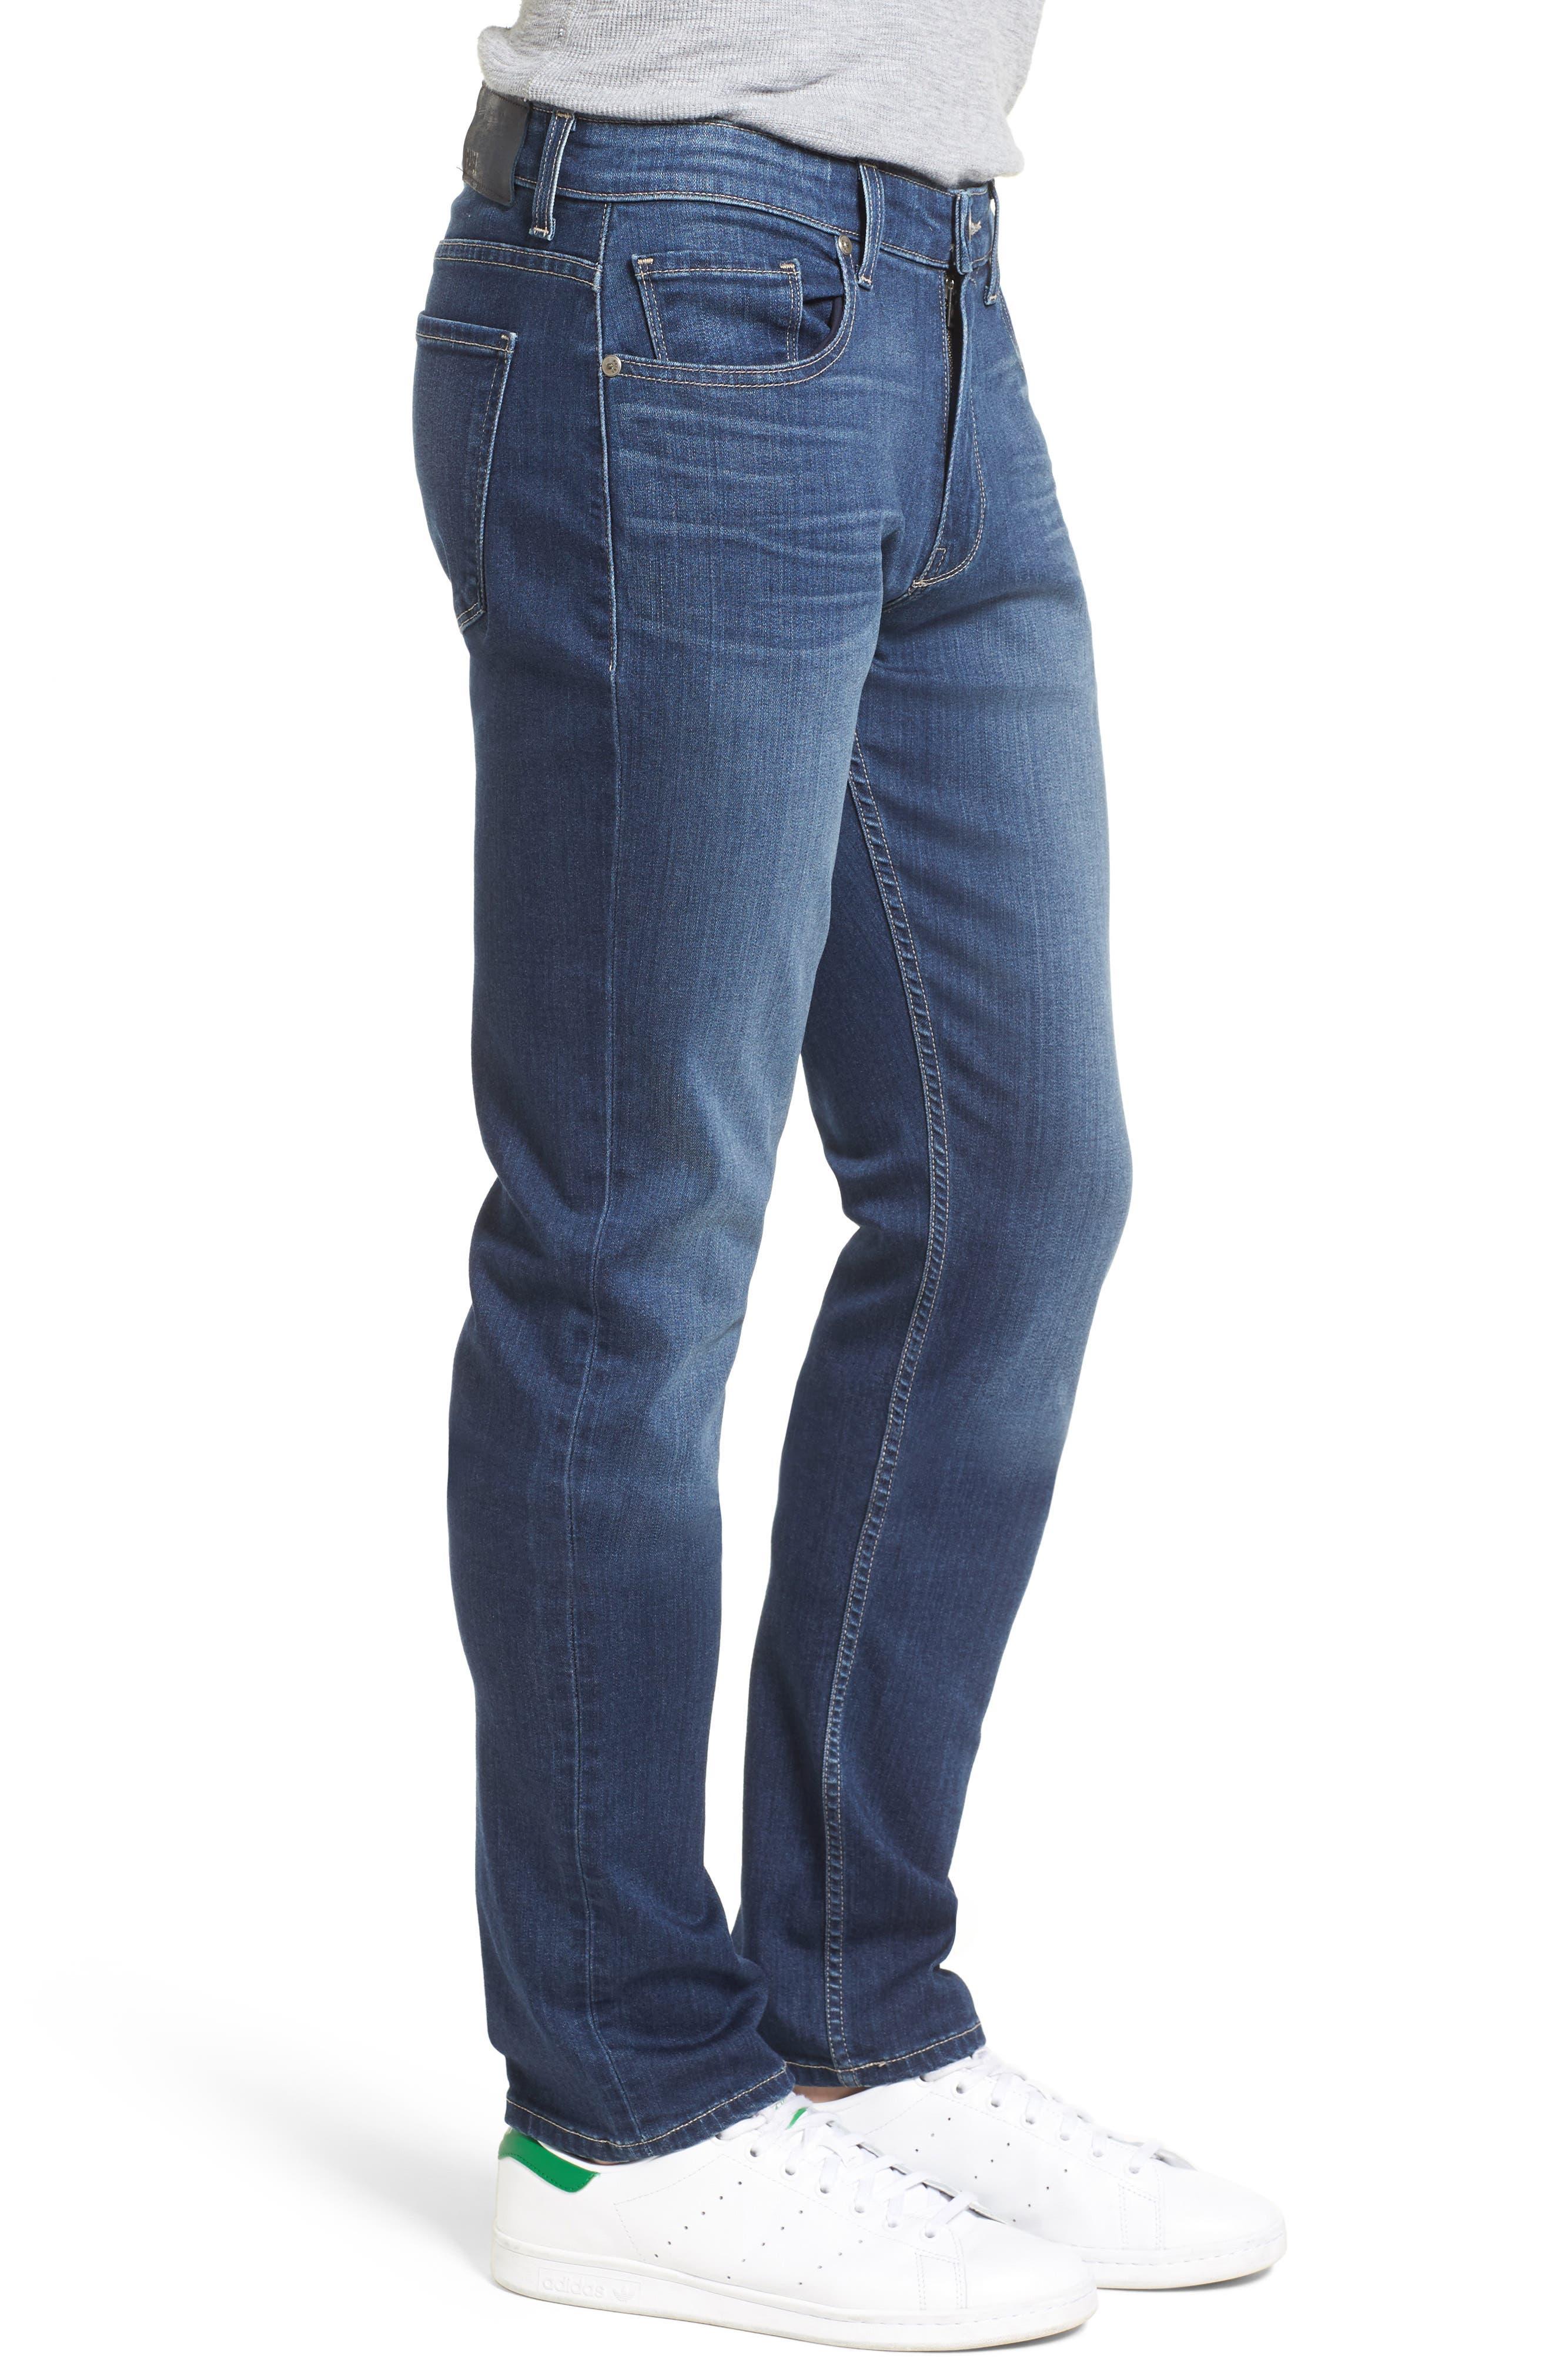 Transcend - Lennox Straight Leg Jeans,                             Alternate thumbnail 3, color,                             400